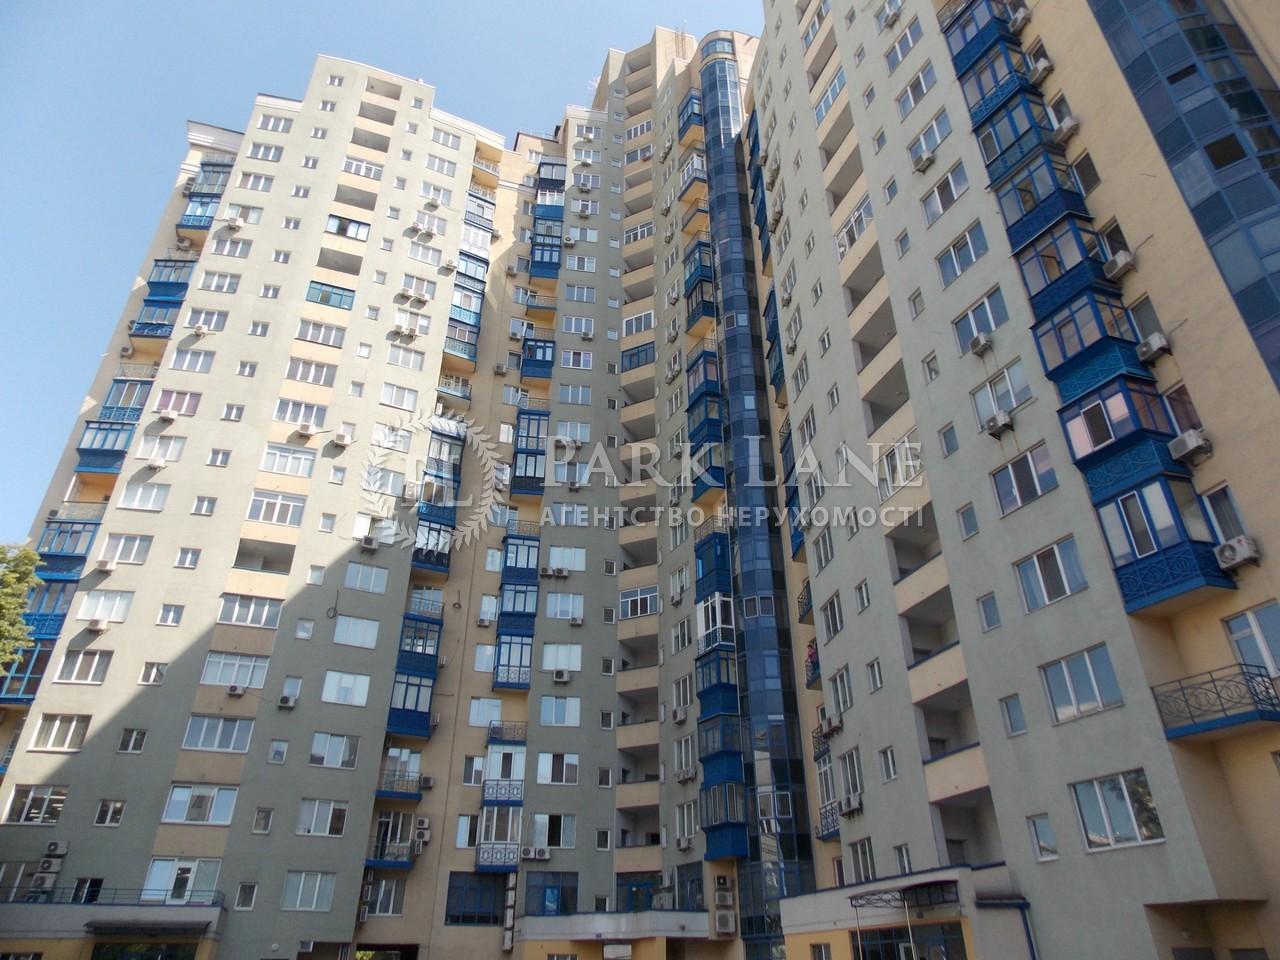 Нежилое помещение, ул. Московская, Киев, R-24705 - Фото 5